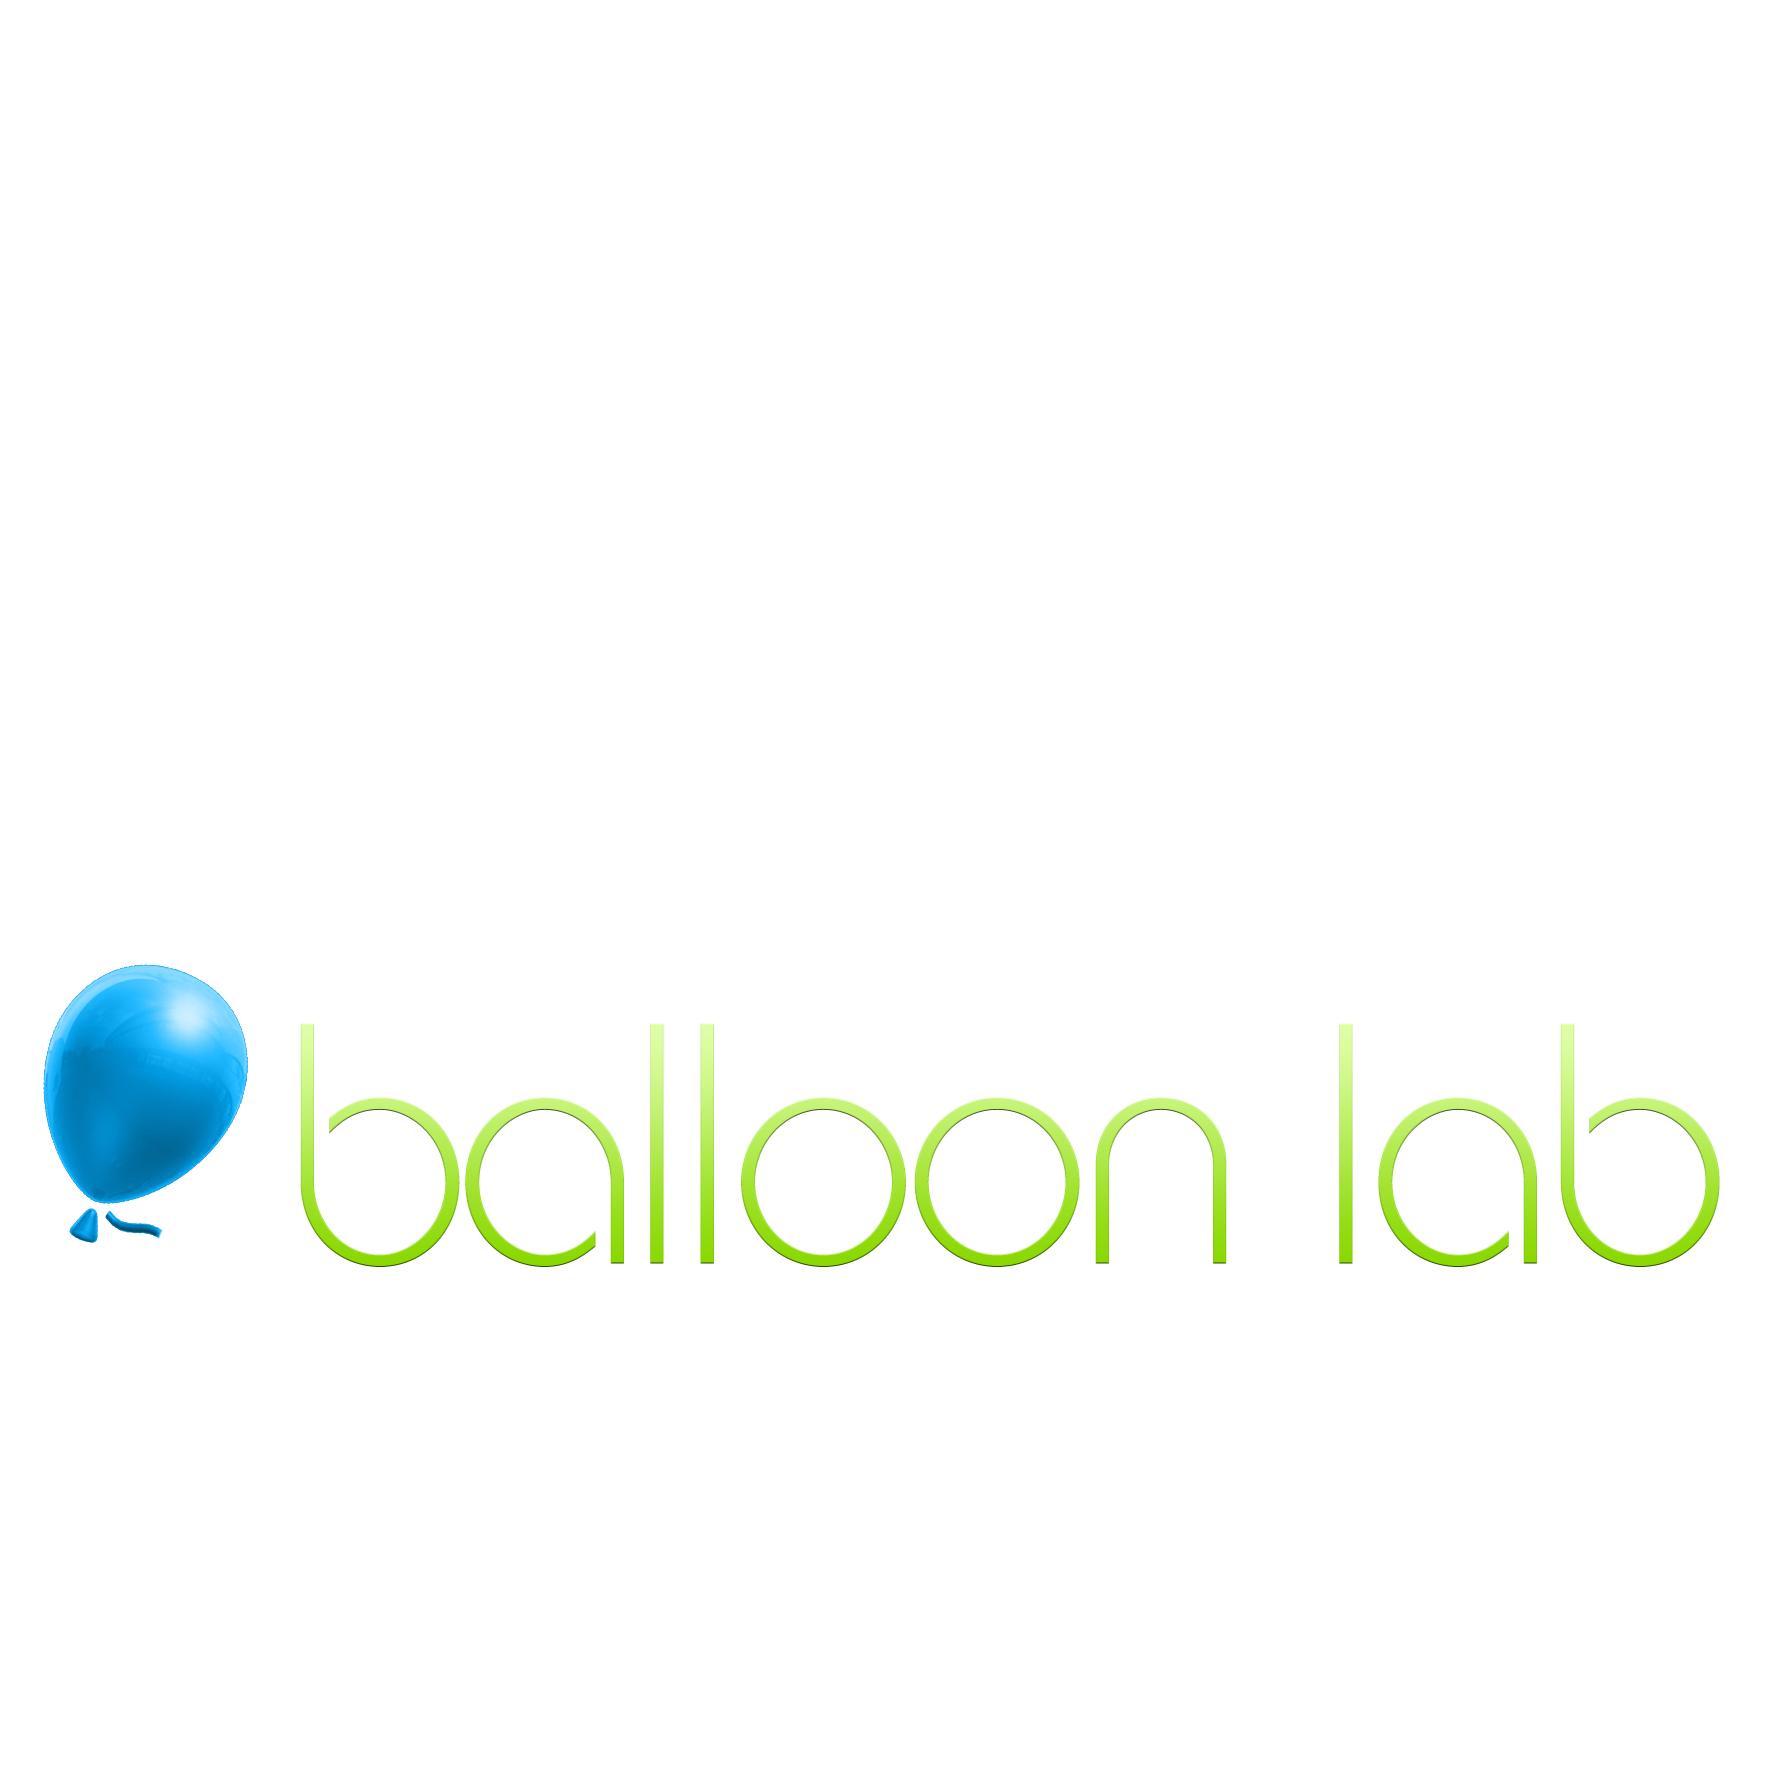 BalloonLab